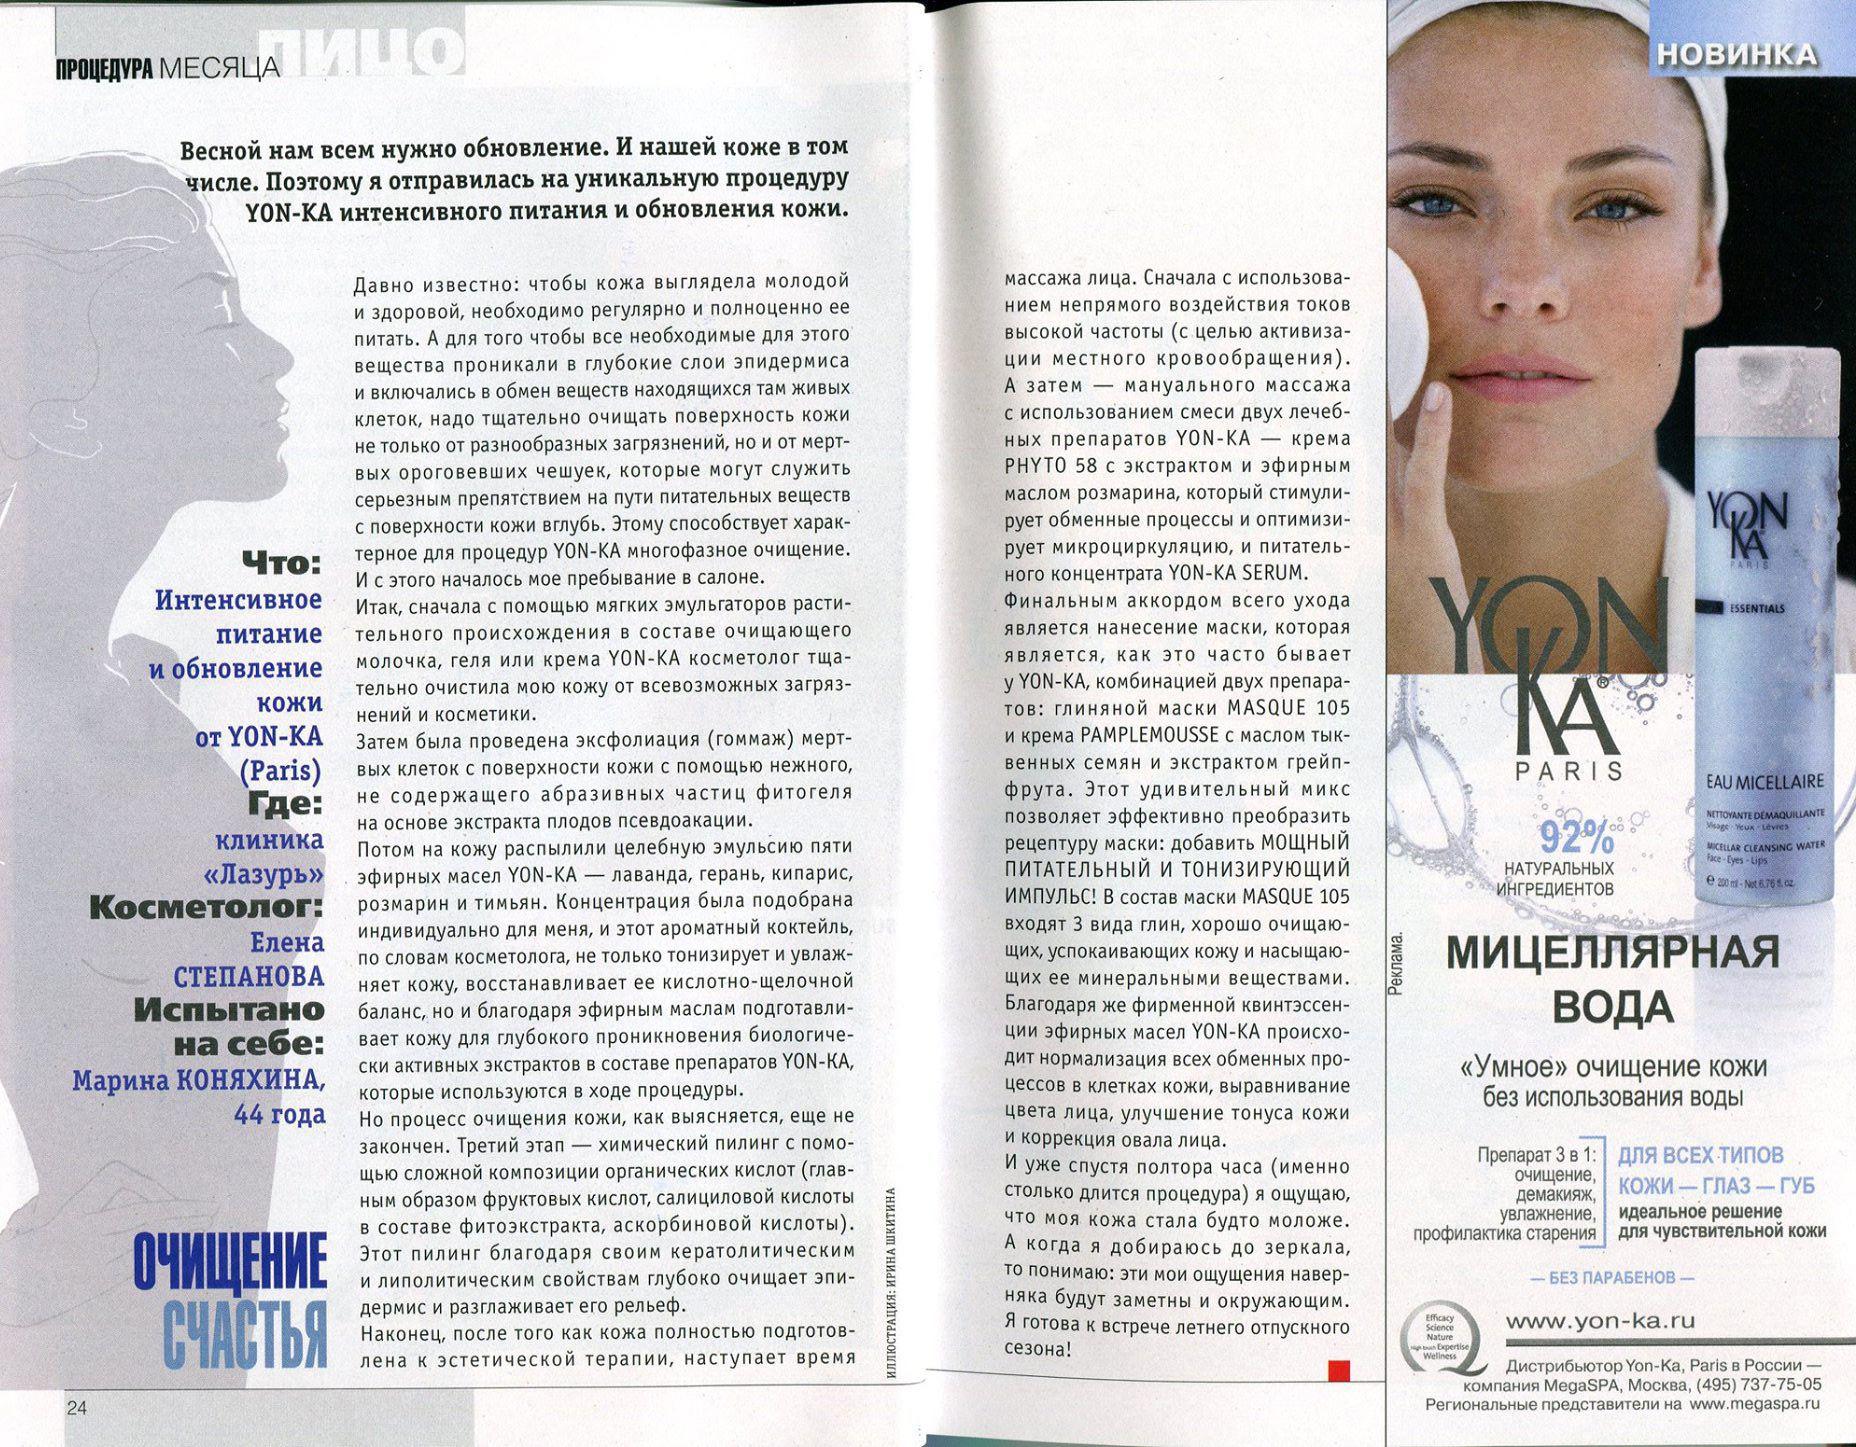 Интенсивное питание и обновление кожи от Yon-Ka (Paris)